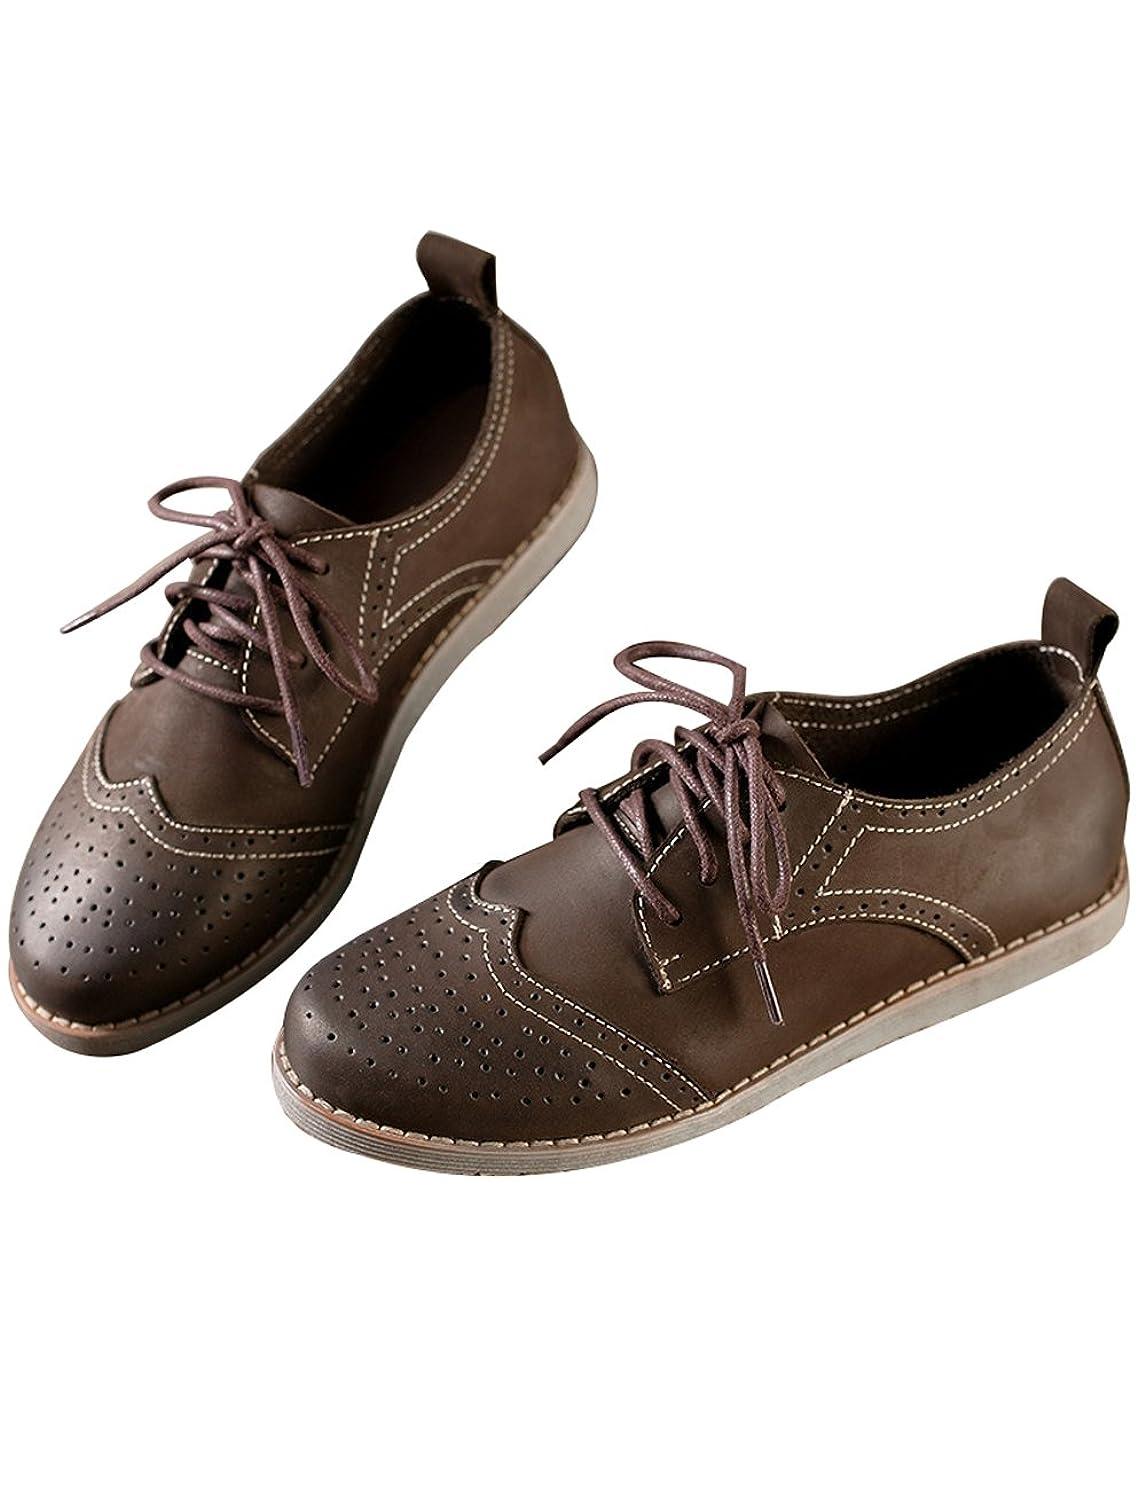 複数首謀者残り物[のグレープフルーツ プラム] レザー ローファー シューズ 革靴 靴 レディー 軽量 通気 滑り止め ドライビングシューズ 本革 レースアップ レディースモカシン